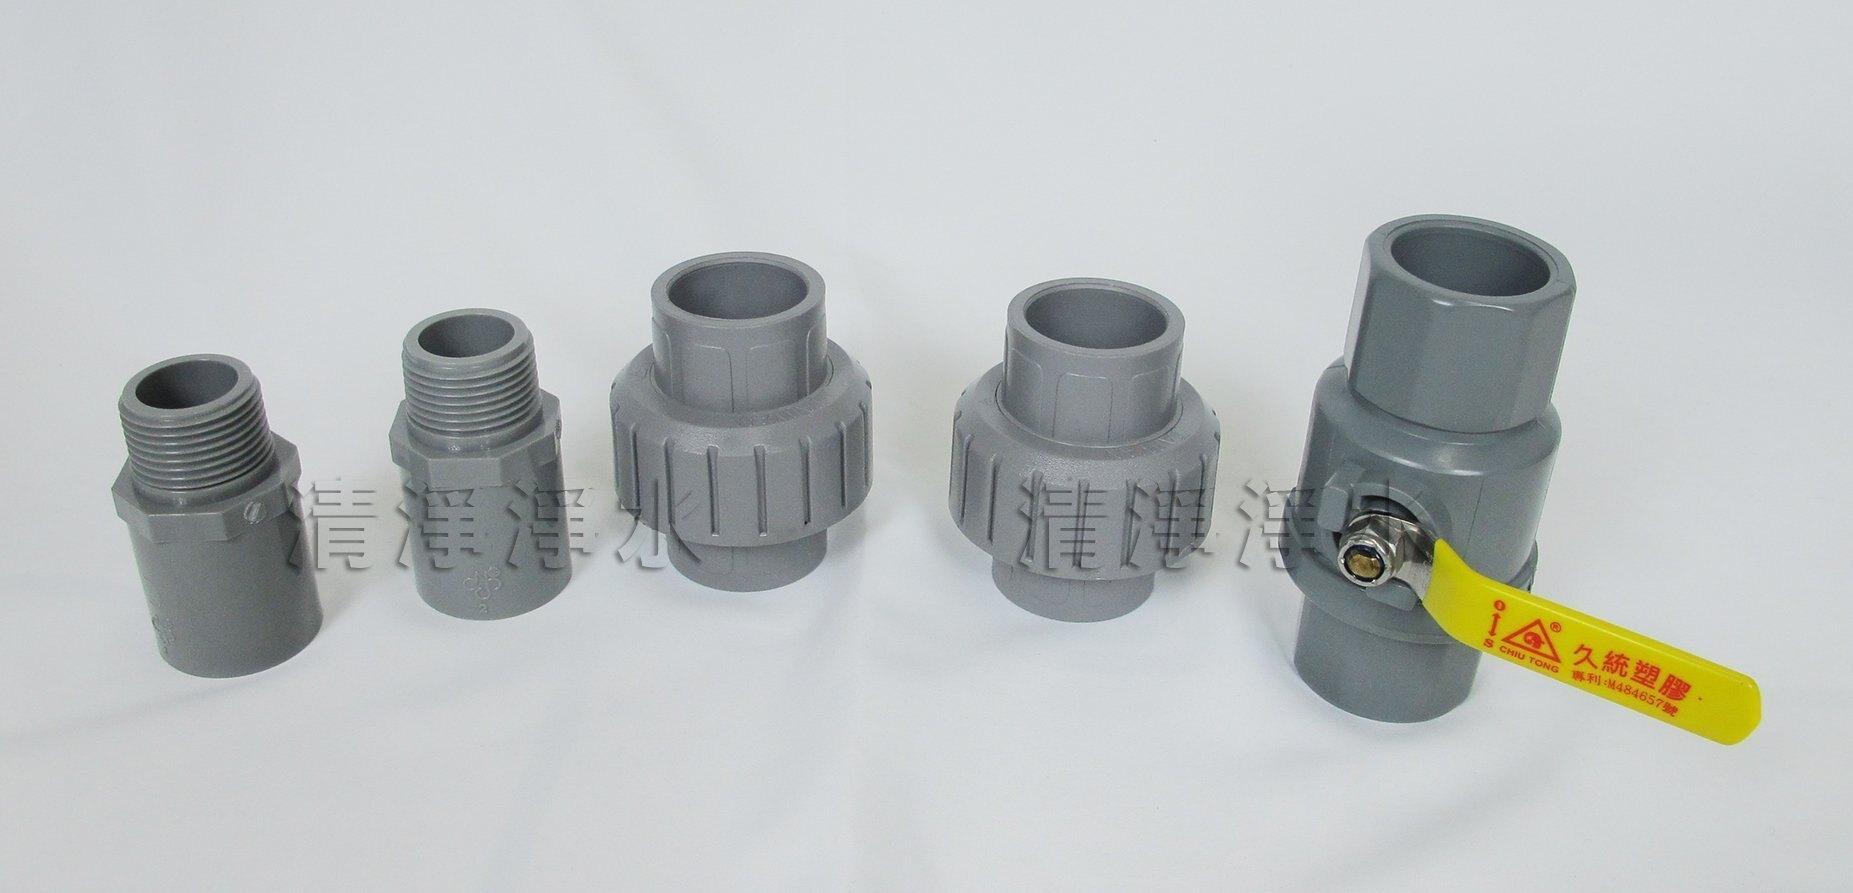 【大墩生活館】10吋三道腳架型水塔過濾器、大胖淨水器,《三藍瓶》ISO台製只賣2990元